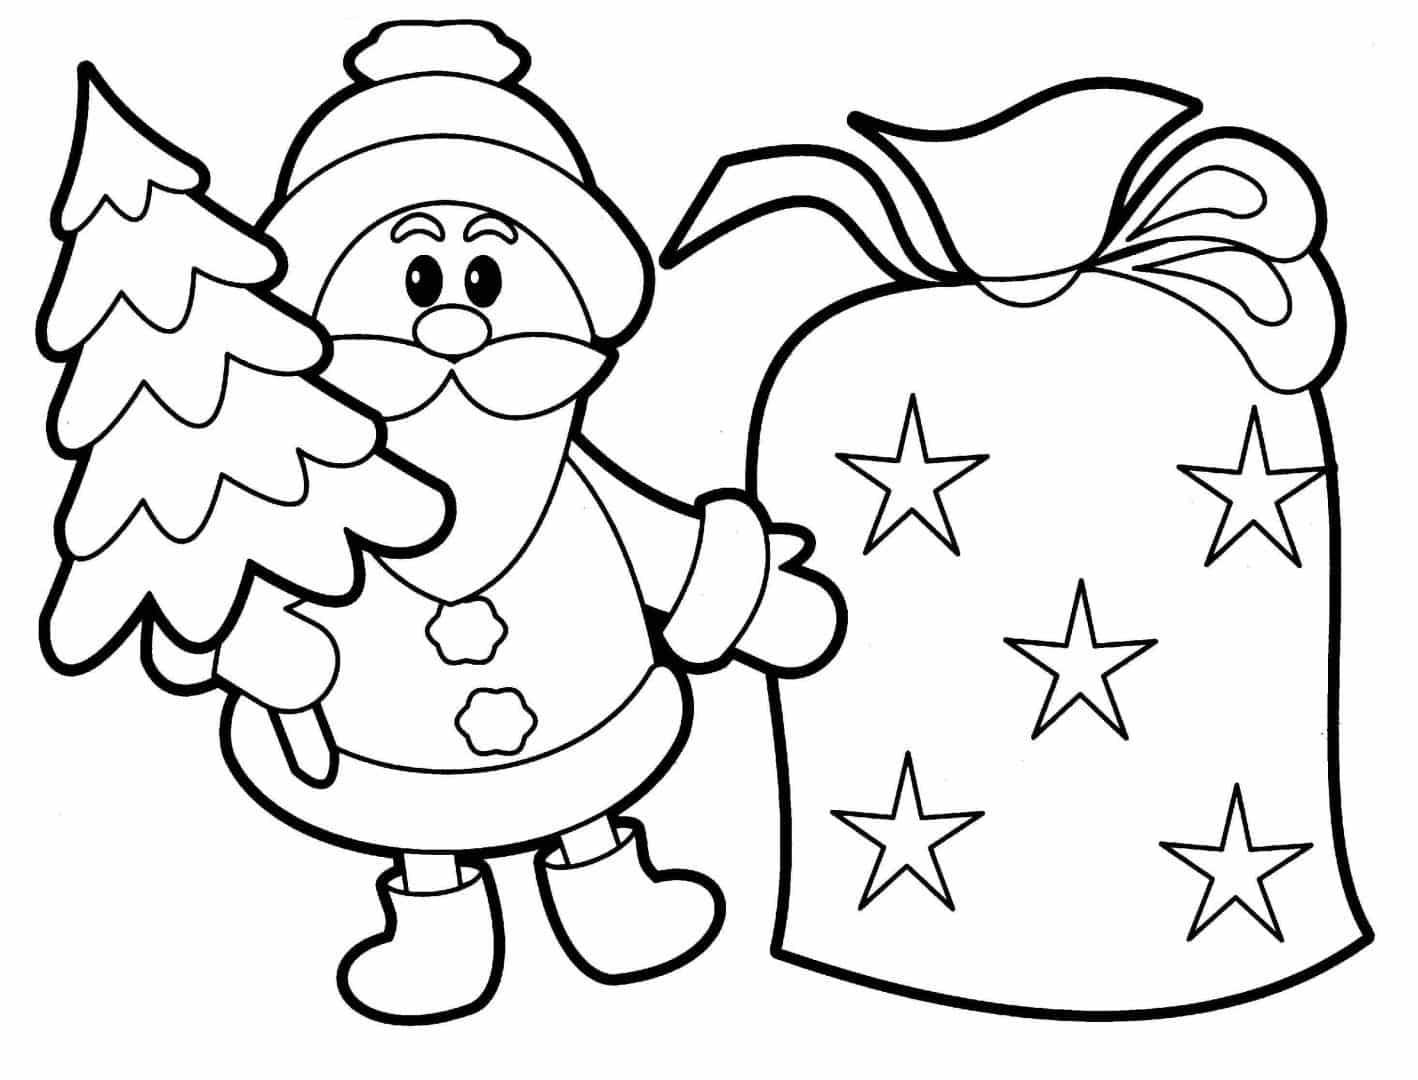 Dibujos De Navidad Faciles Para Colorear Imprimir Y A Color